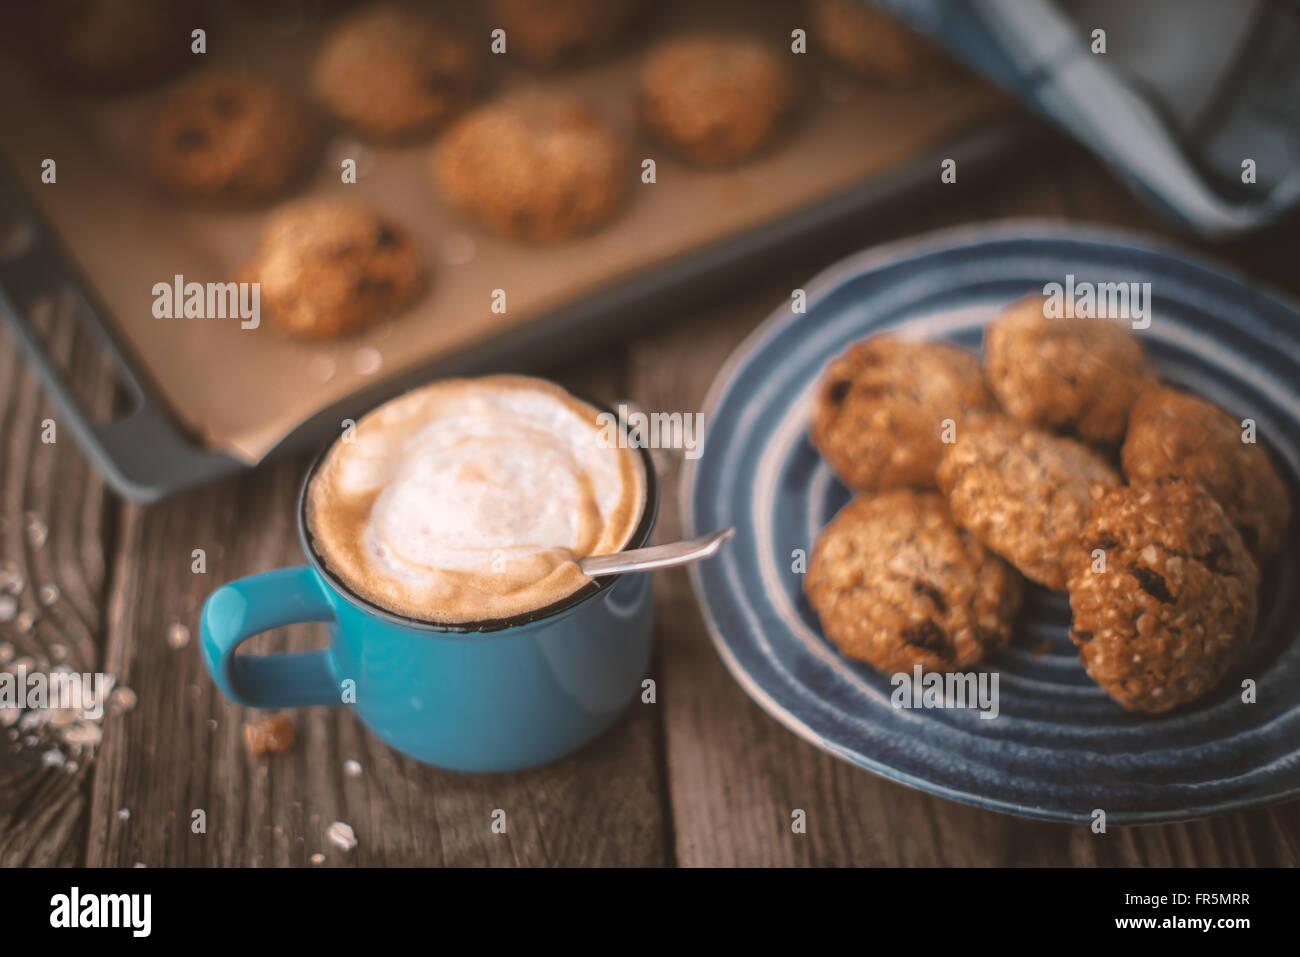 Bandeja para hornear y un plato de galletas de harina de avena en la mesa de madera horizontales Imagen De Stock